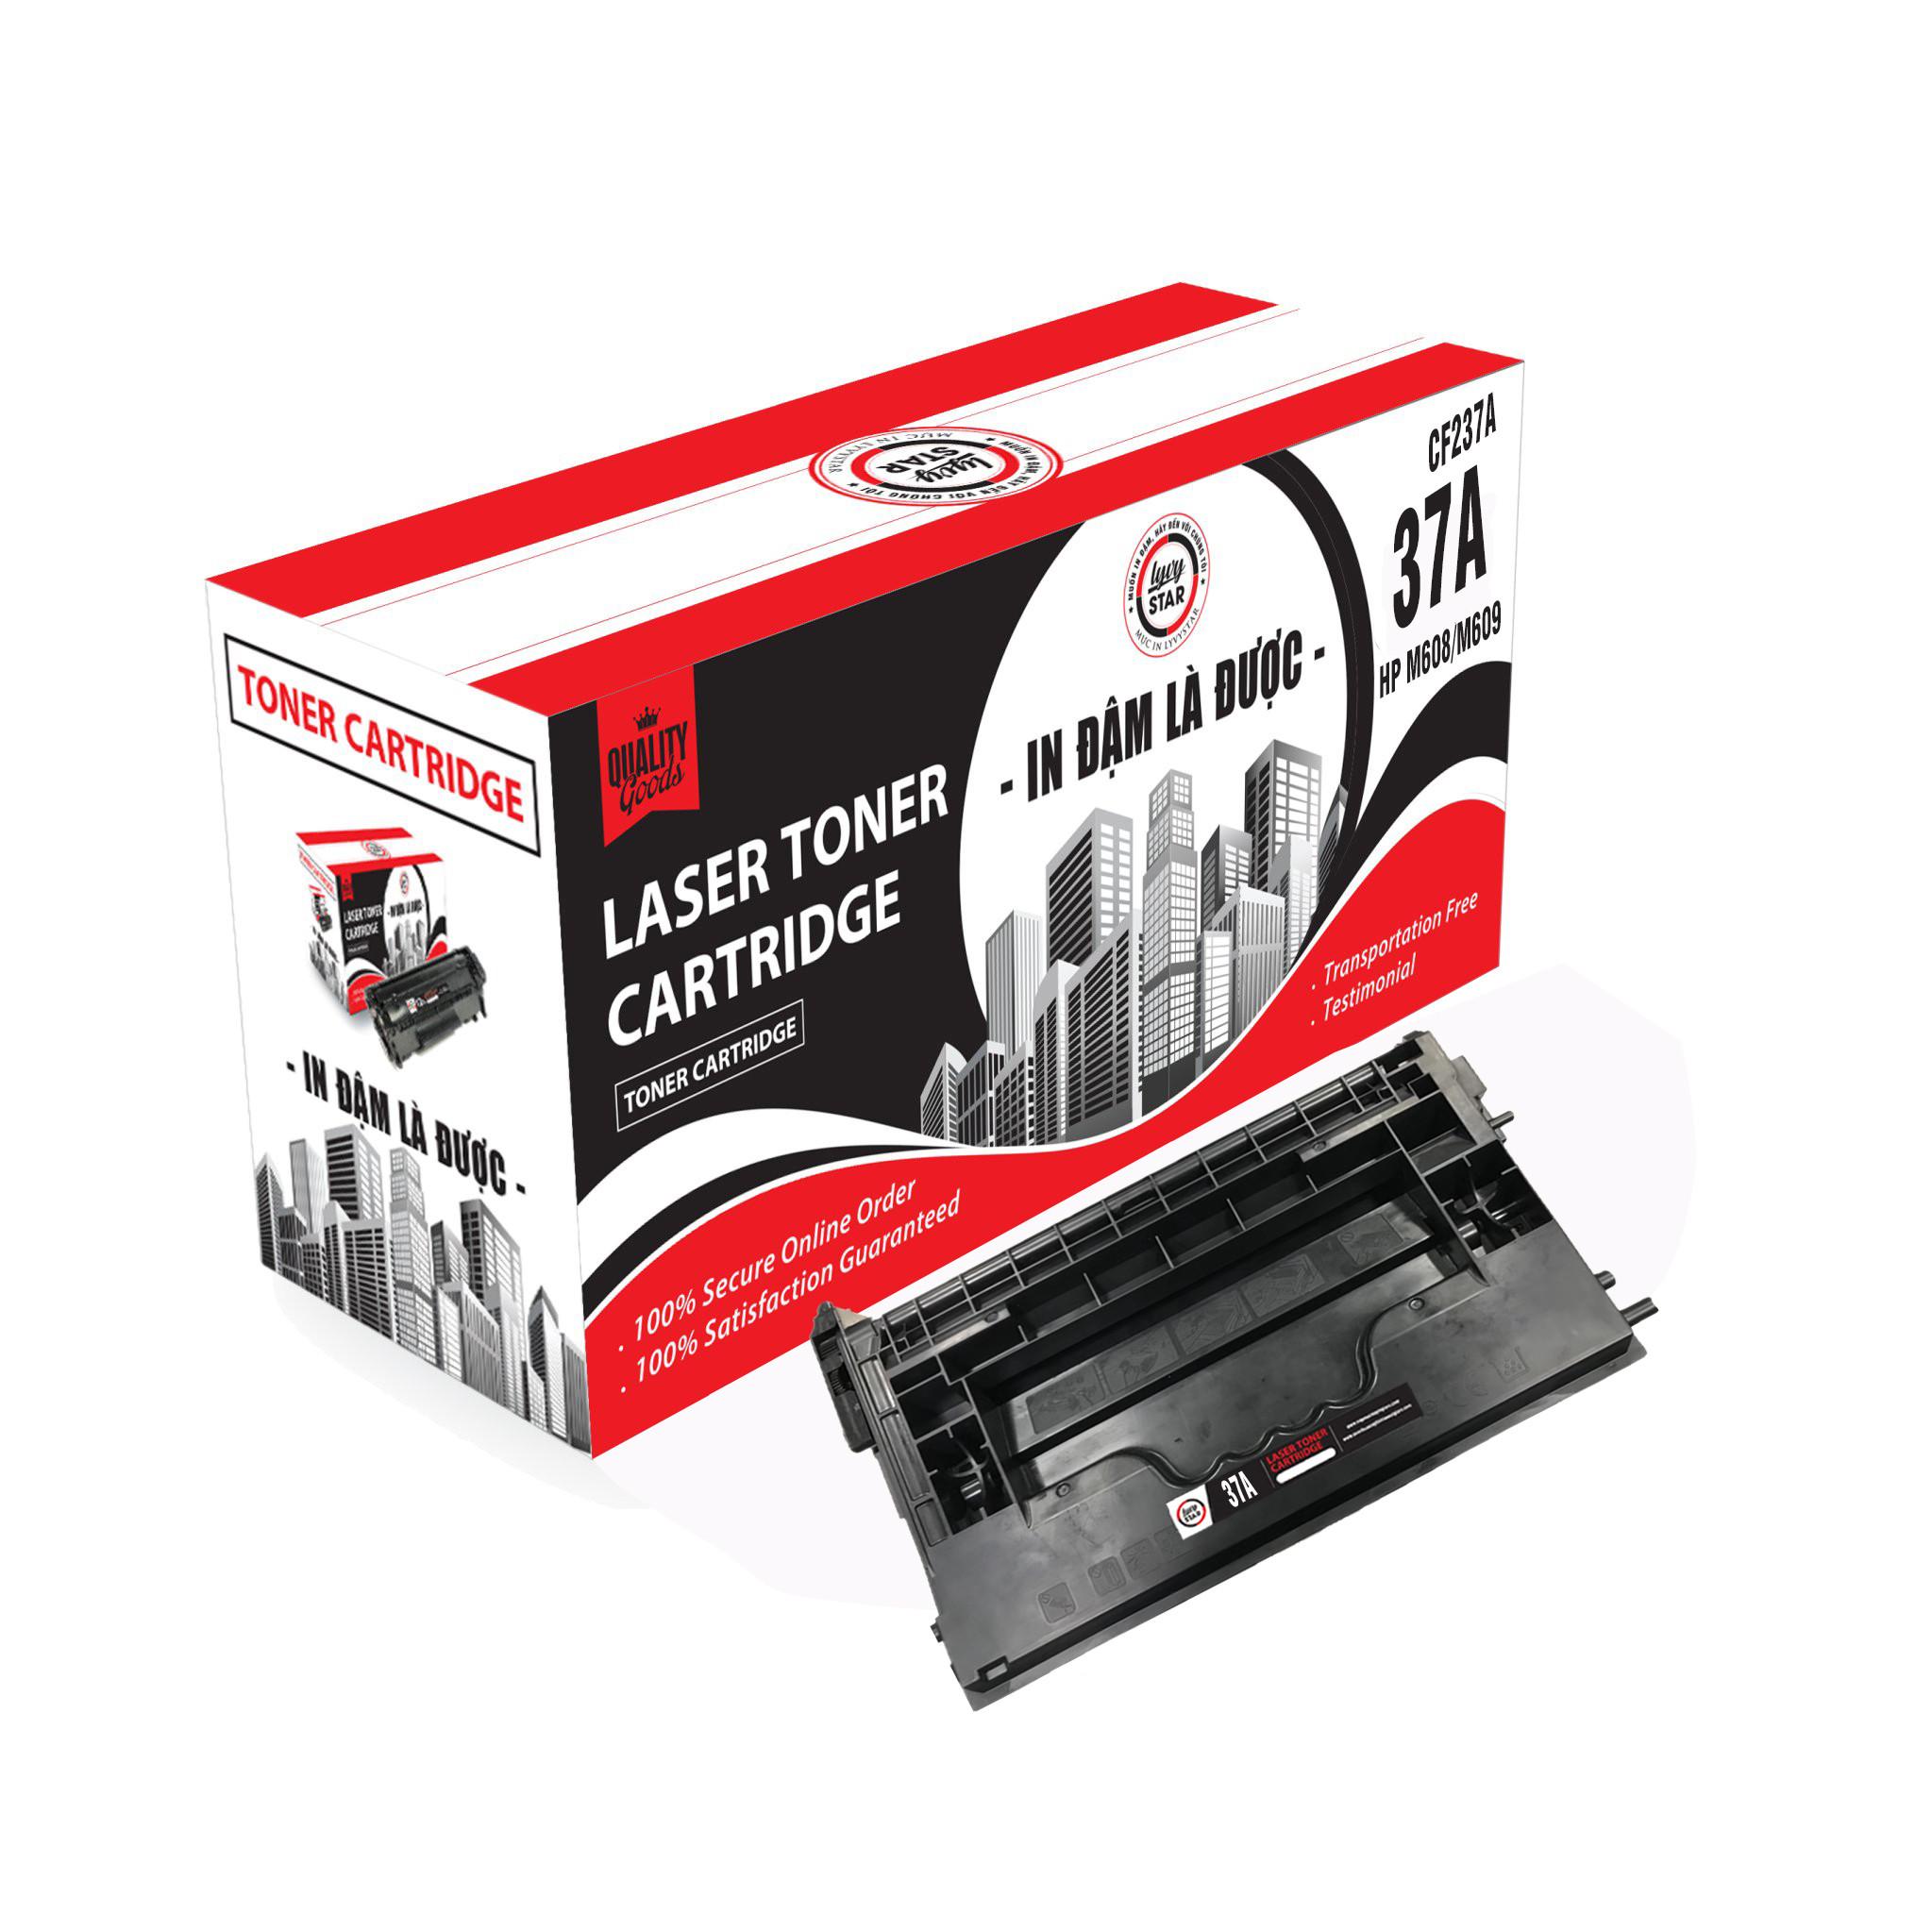 Mực in Lyvystar 37A (CF237A) dùng cho máy HP LaserJet Enterprise M632 - Hàng chính hãng